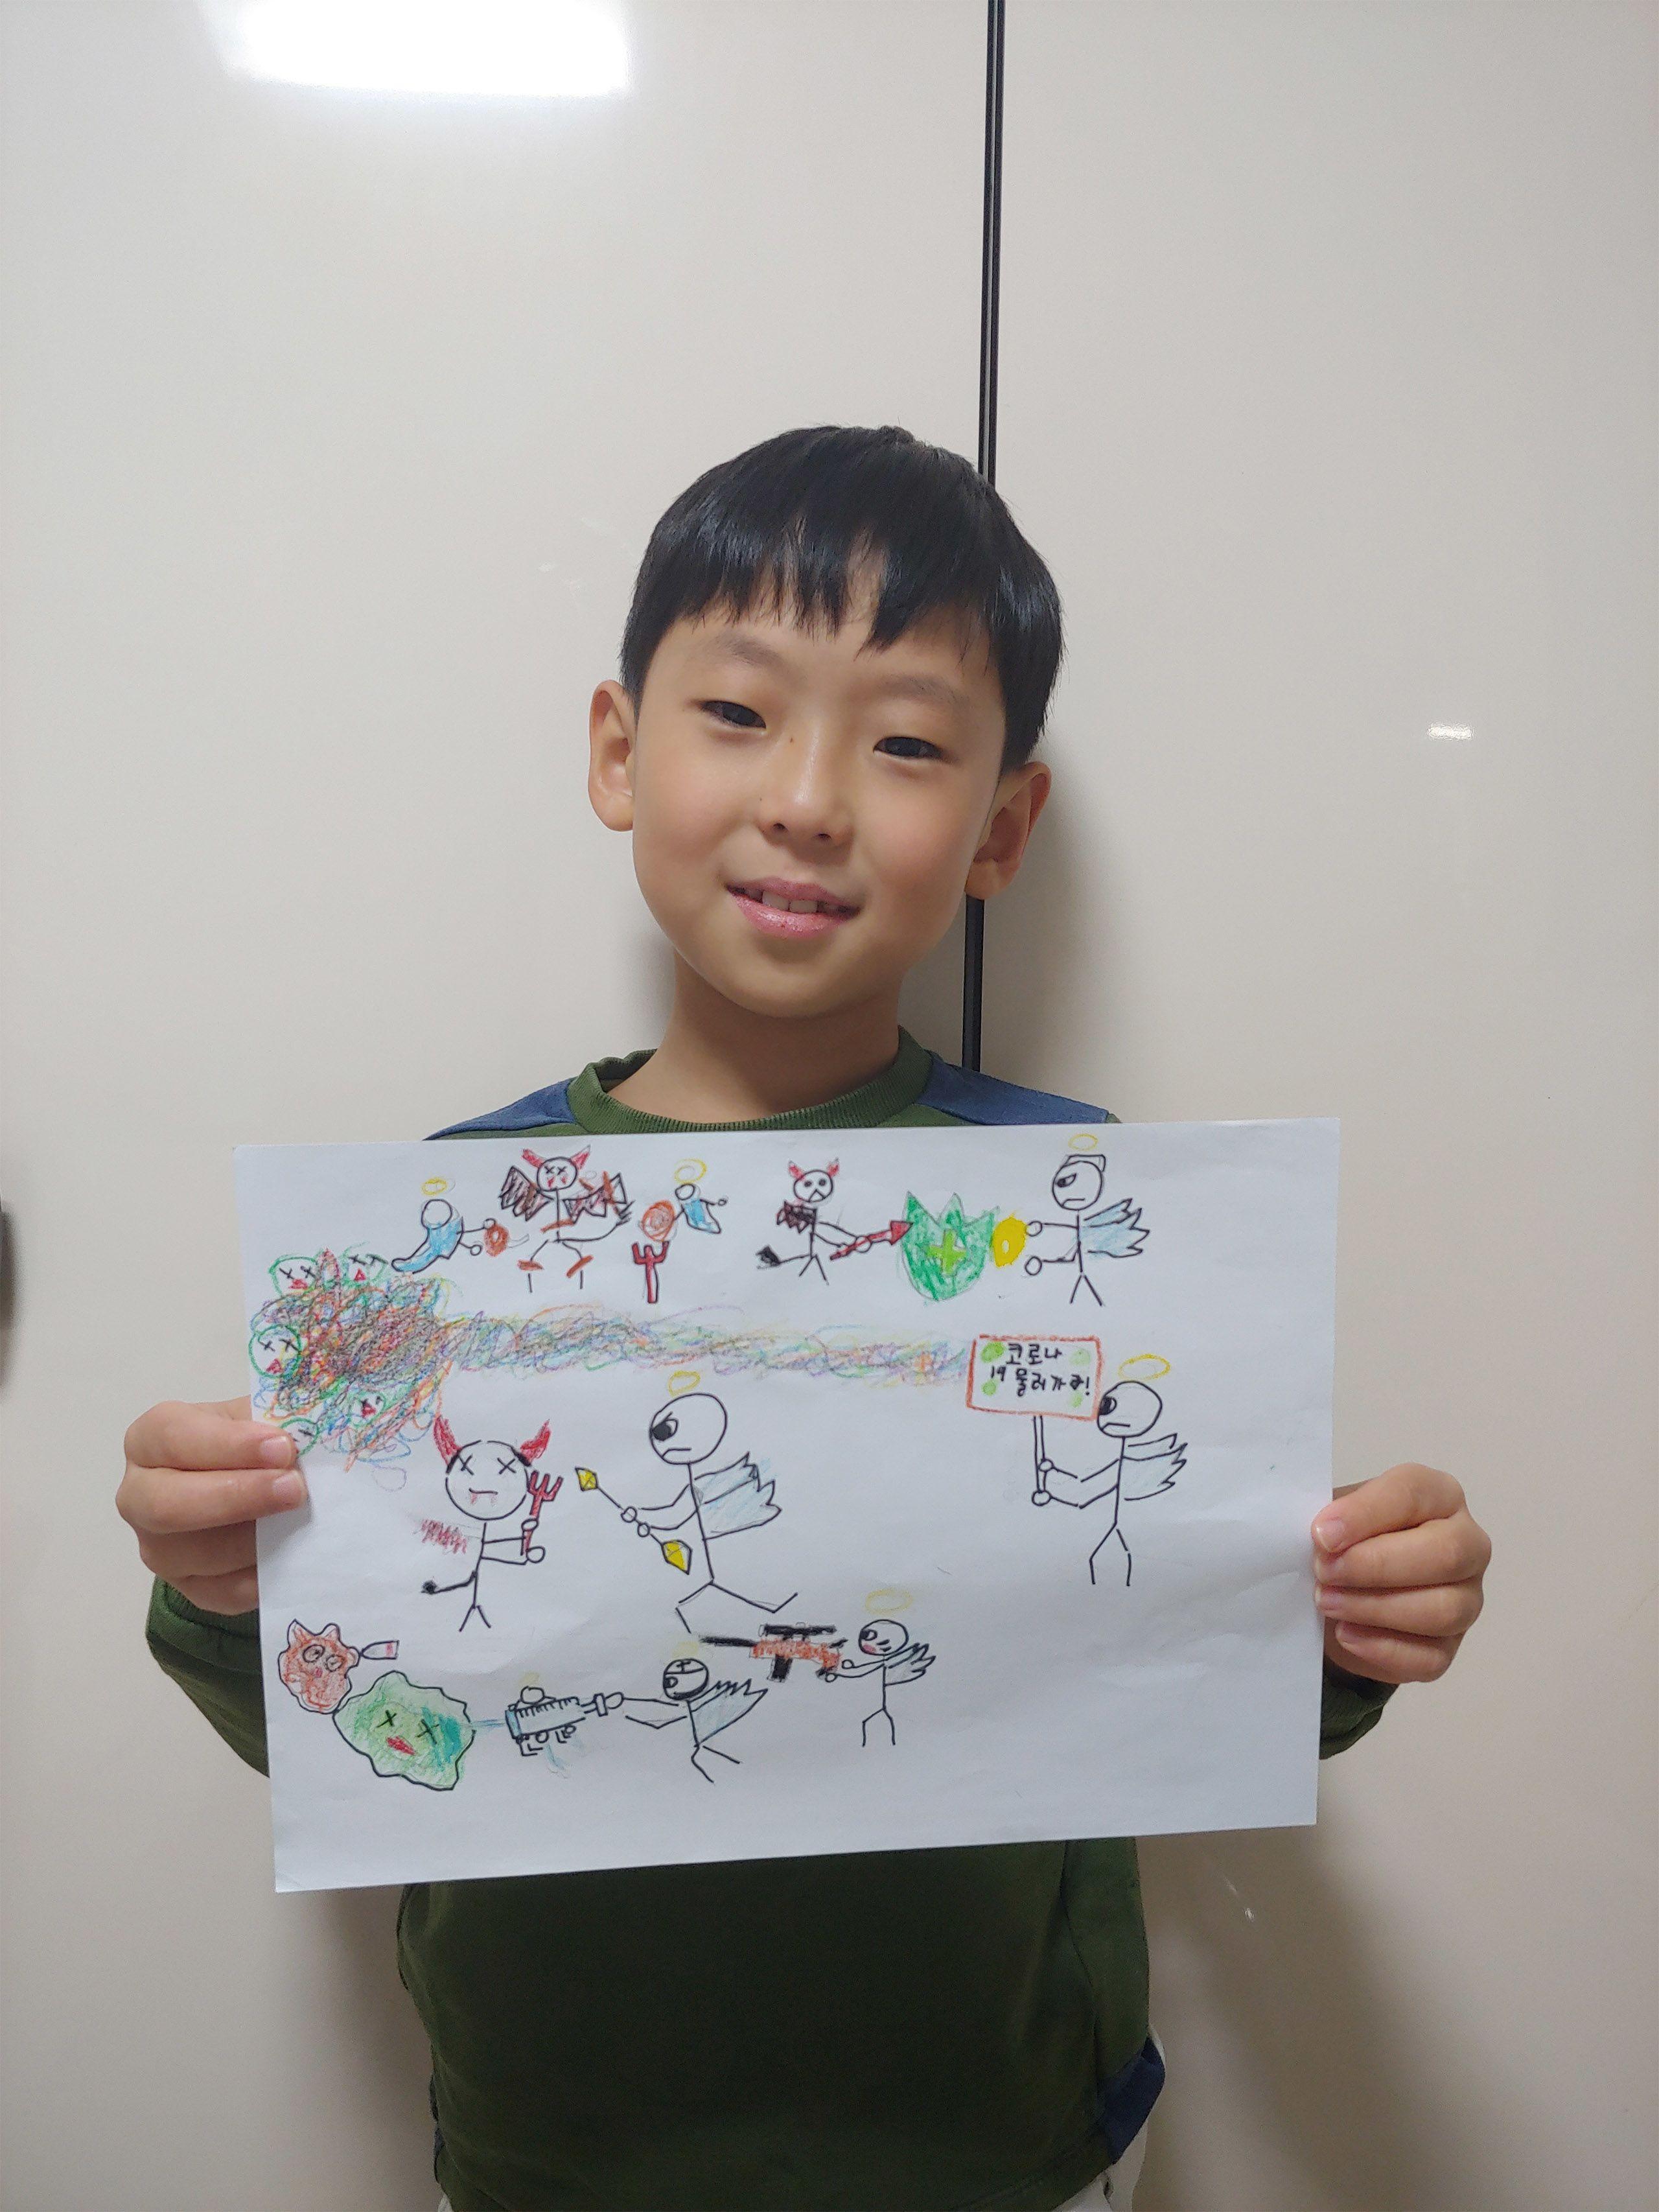 Cara Menggambar Corona : menggambar, corona, Pandemi, Virus, Corona, Anak-anak, Dunia